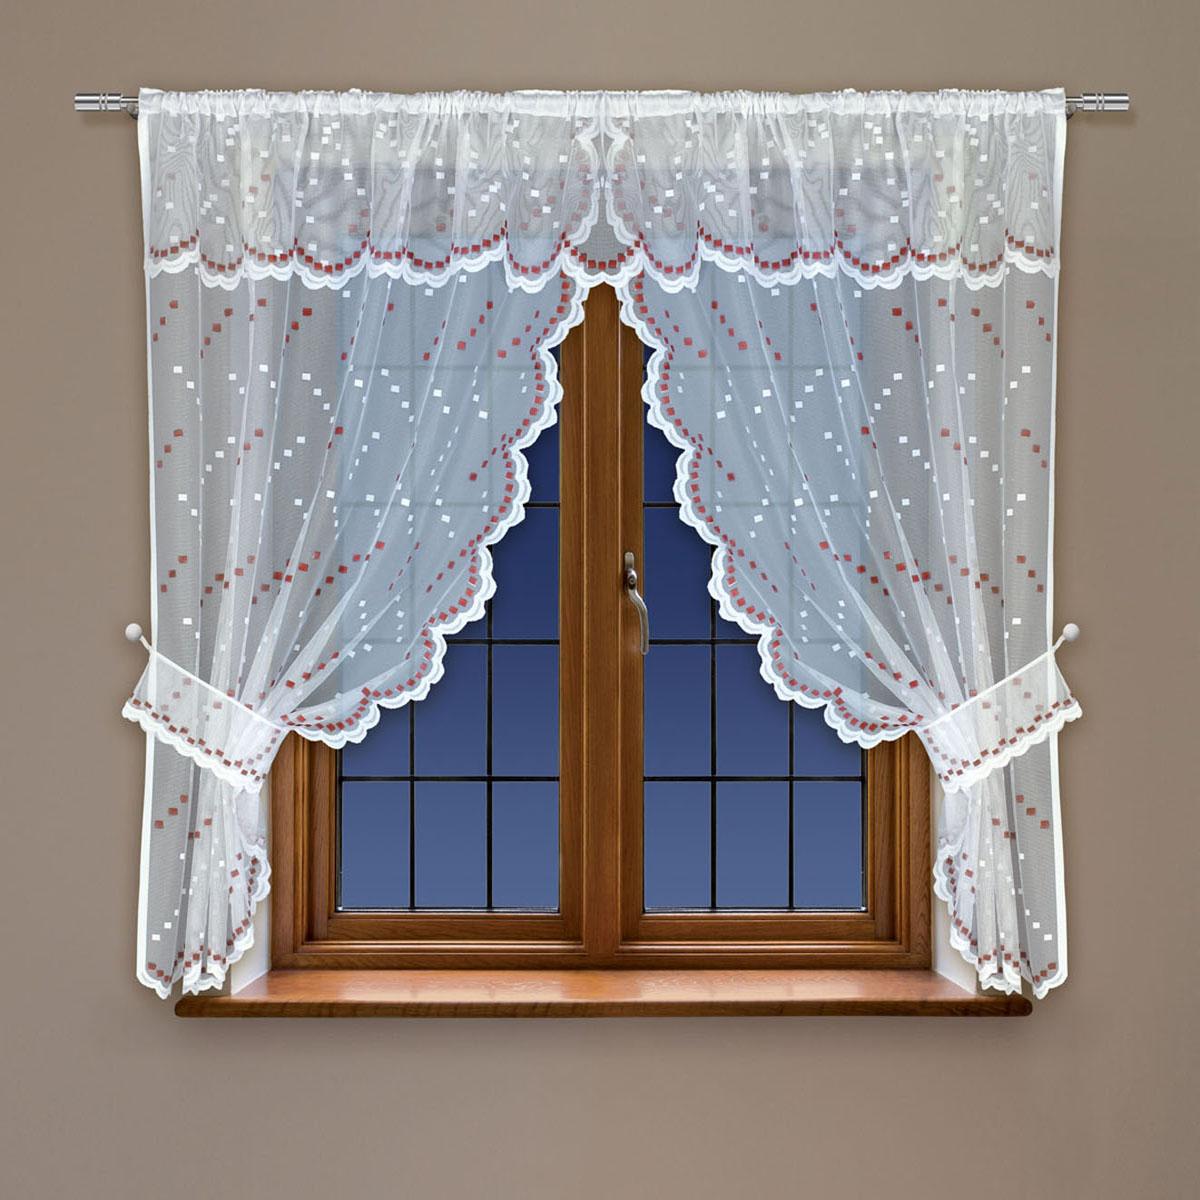 Гардина Haft, на кулиске, цвет: белый, красный, высота 137 см. 2284109486Воздушная гардина Haft, выполненная из полиэстера, великолепно украсит любое окно.Изделие имеет оригинальный дизайн и органично впишется в интерьер помещения.Гардина крепится на карниз при помощи кулиски.